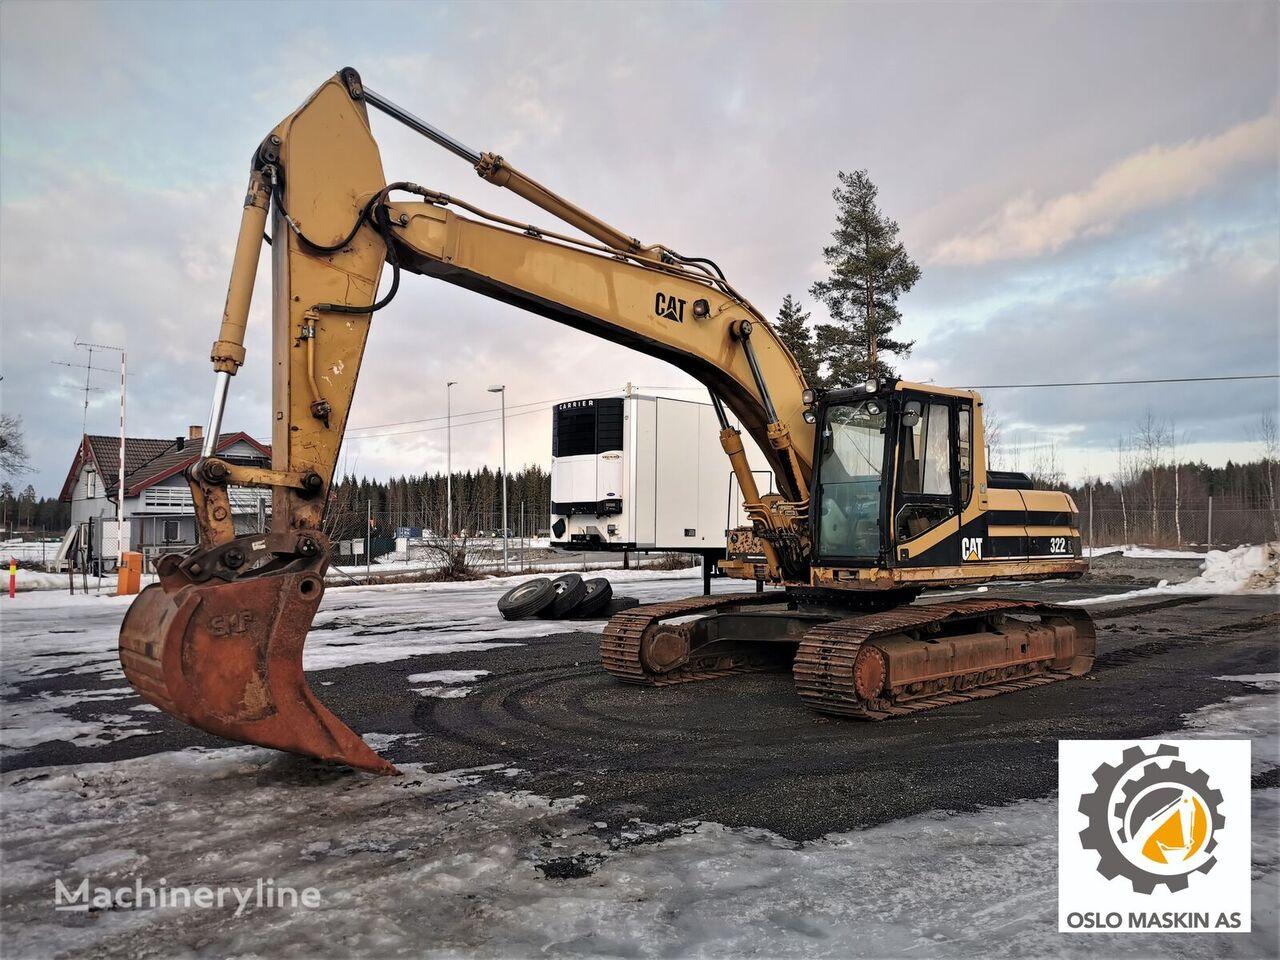 CATERPILLAR 322L tracked excavator